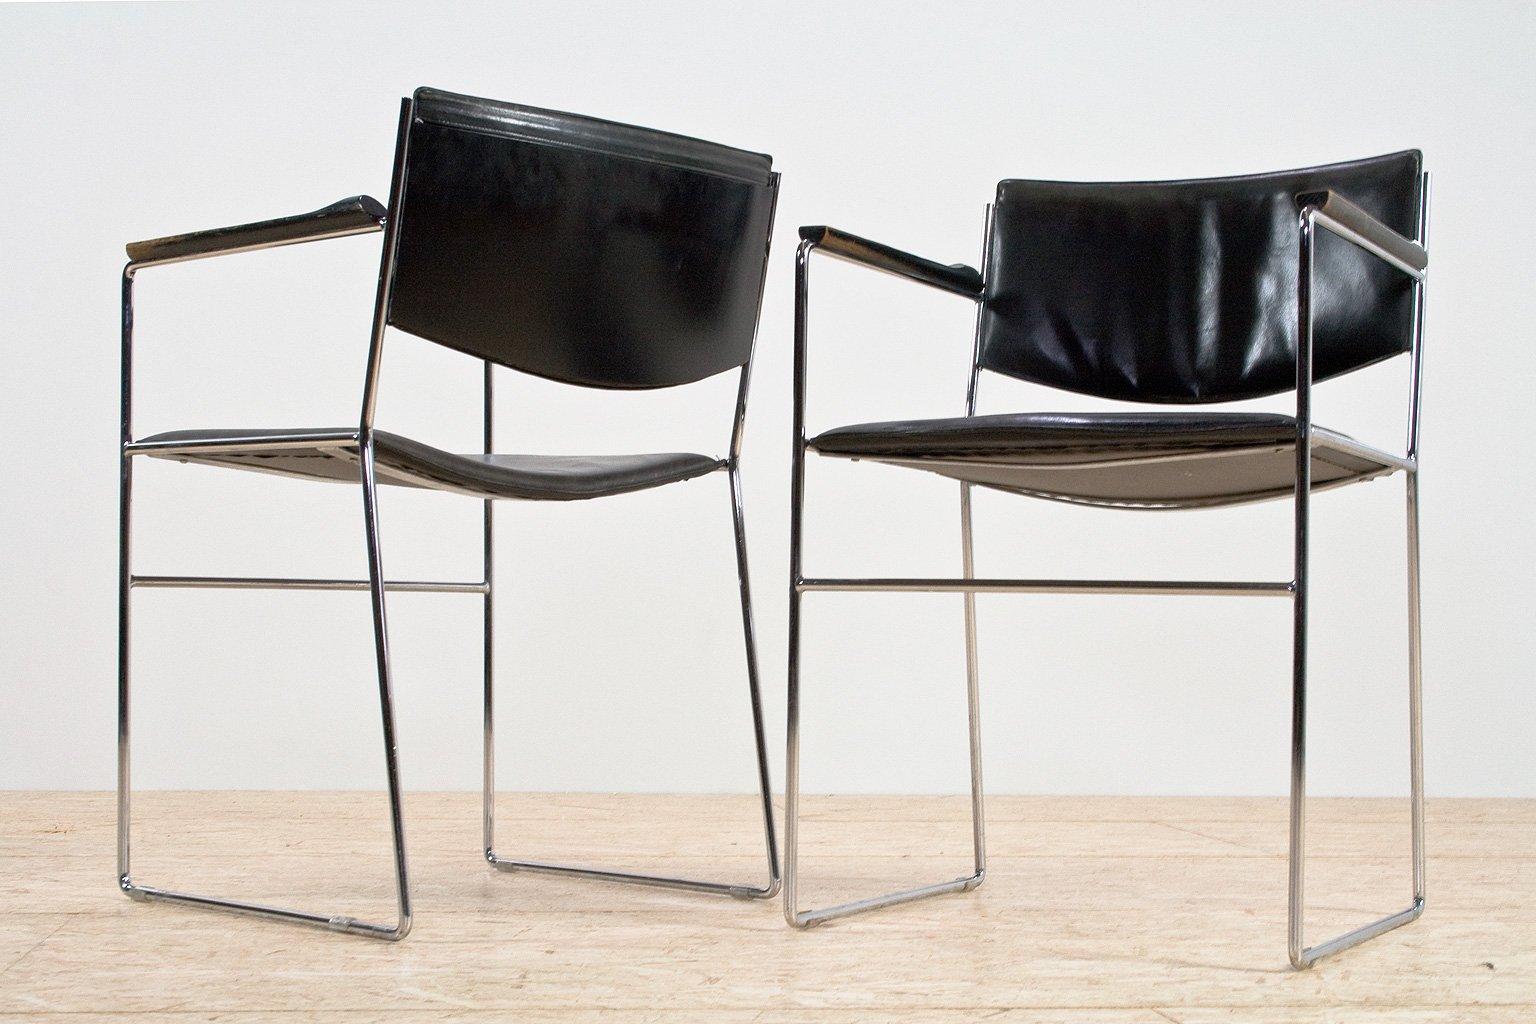 Sedie da pranzo moderne in pelle nera e acciaio italia for Sedie design anni 20